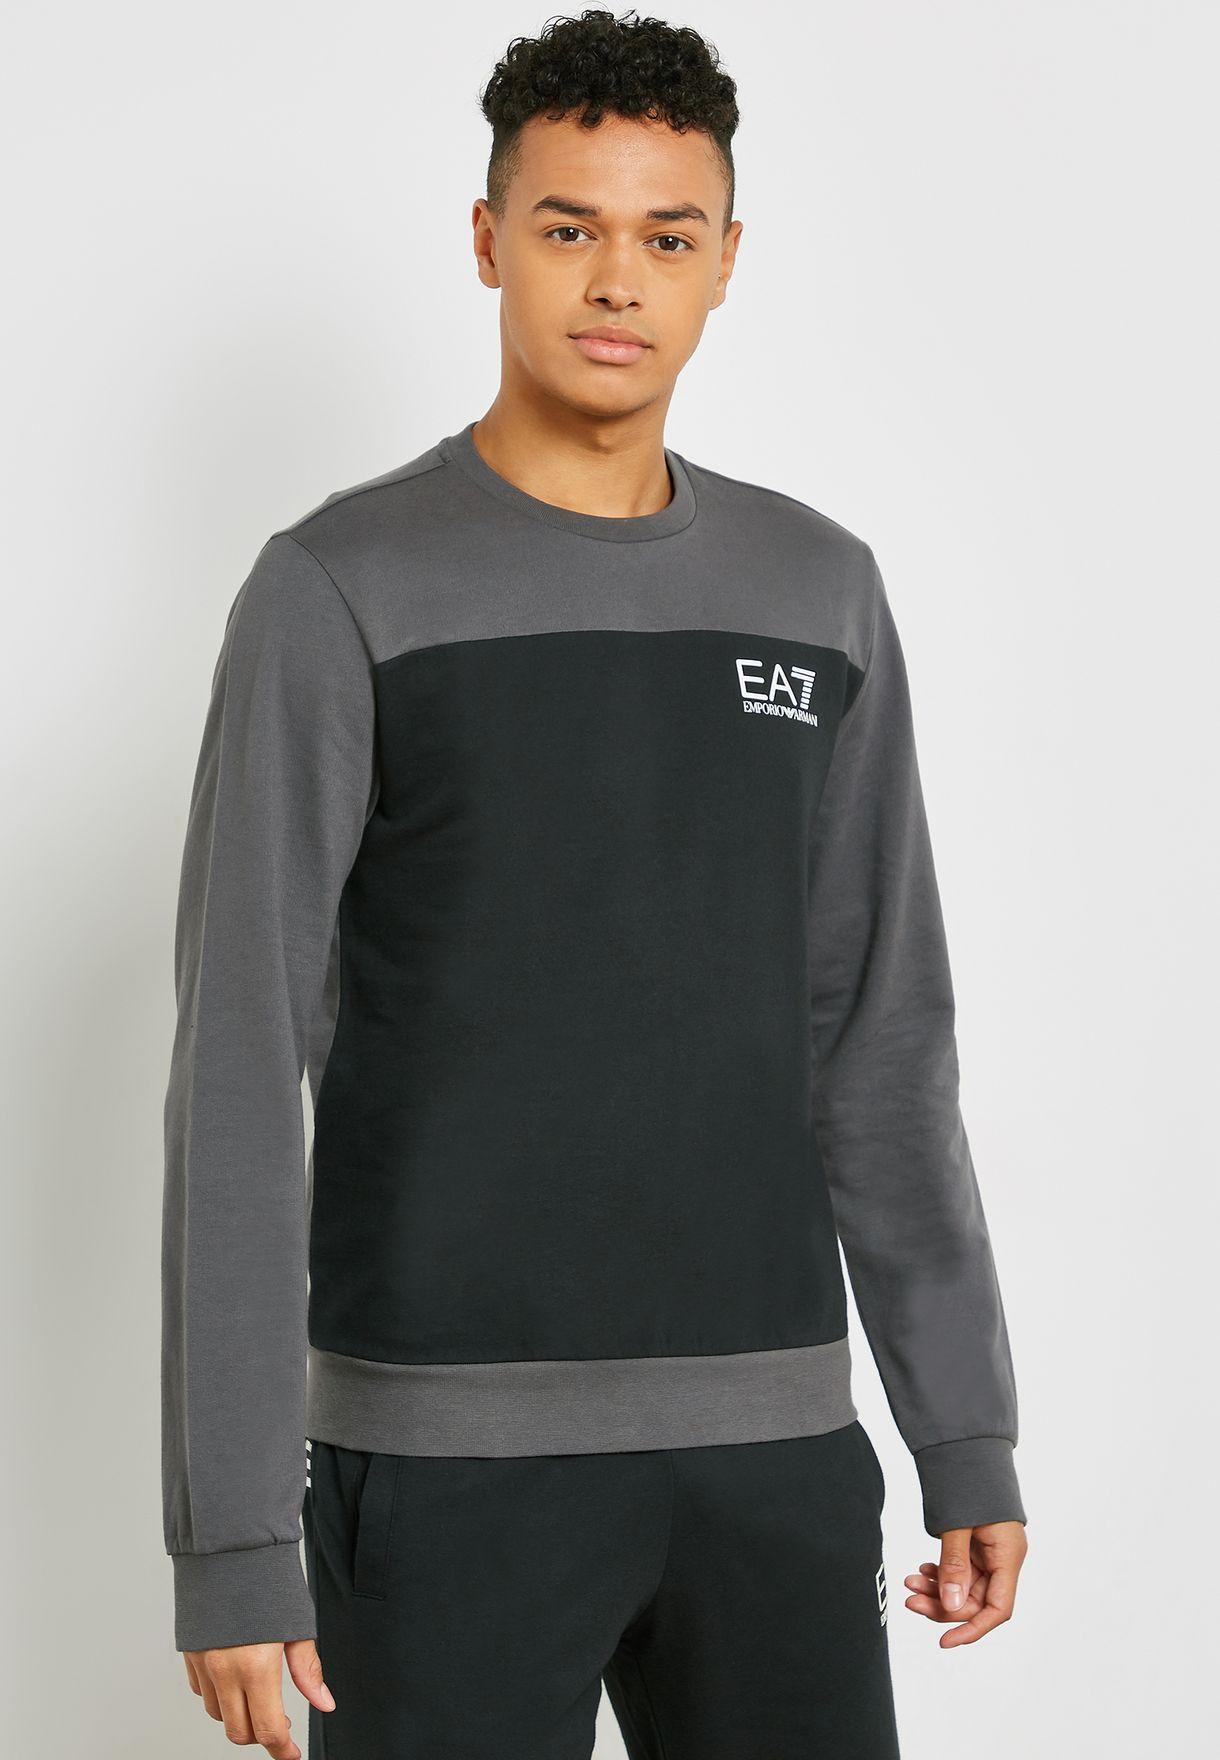 Train Core Sweatshirt